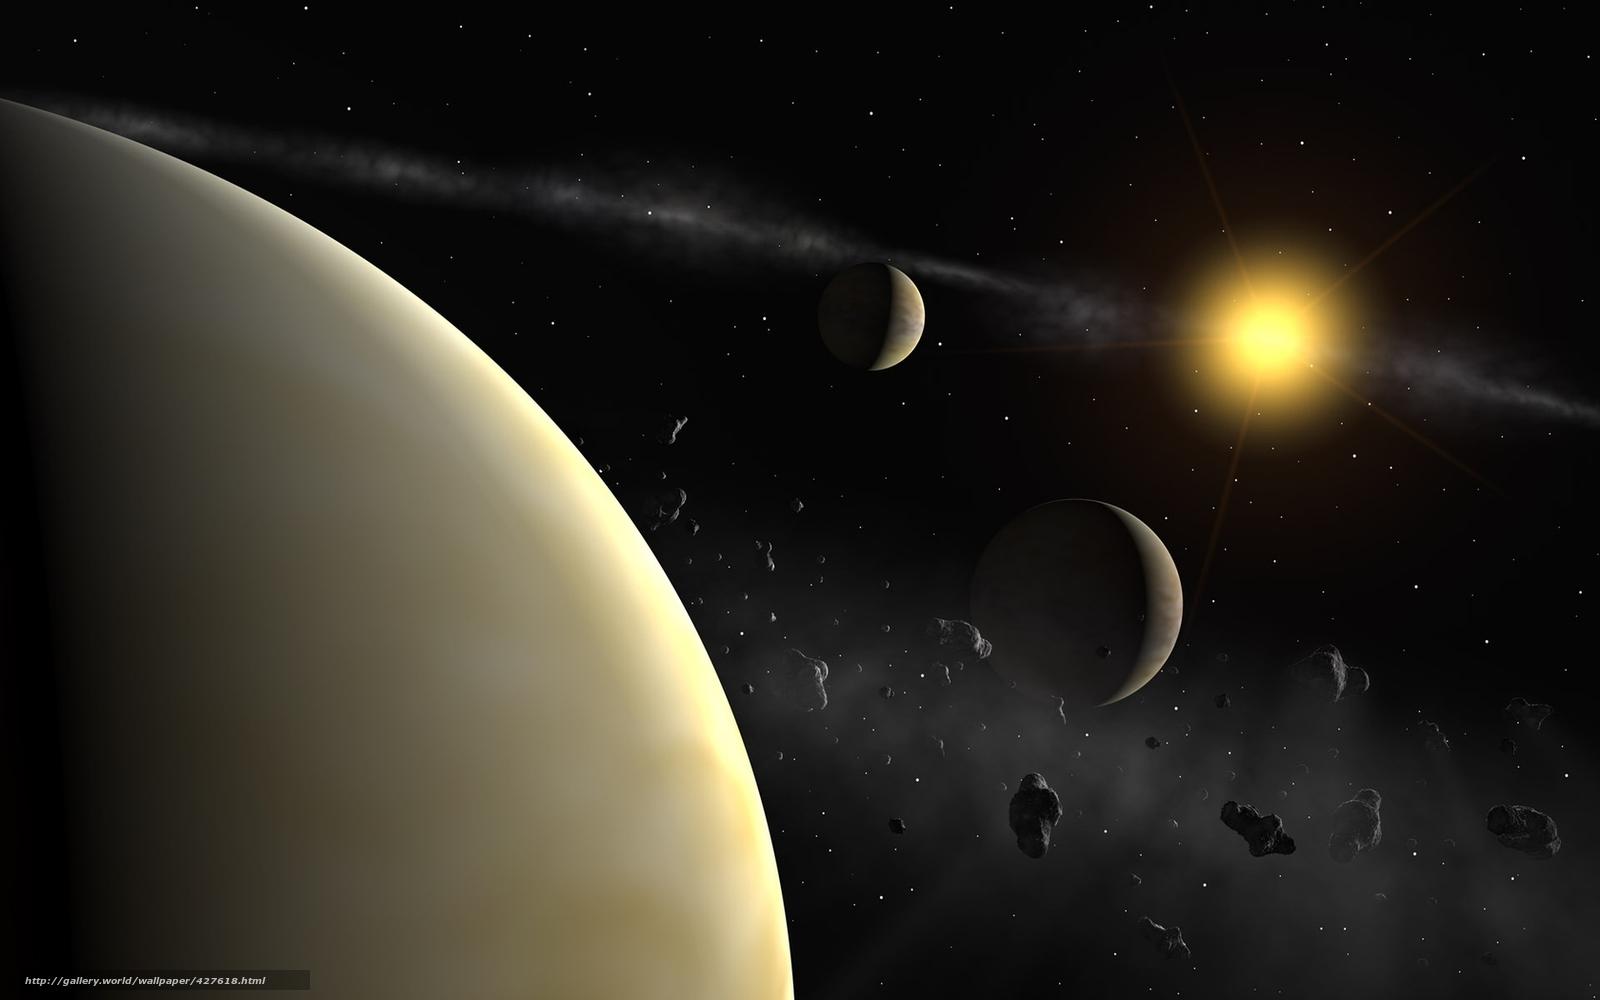 Скачать планета, звезда, спутники, фото, обои, картинка #427618 - FxFp